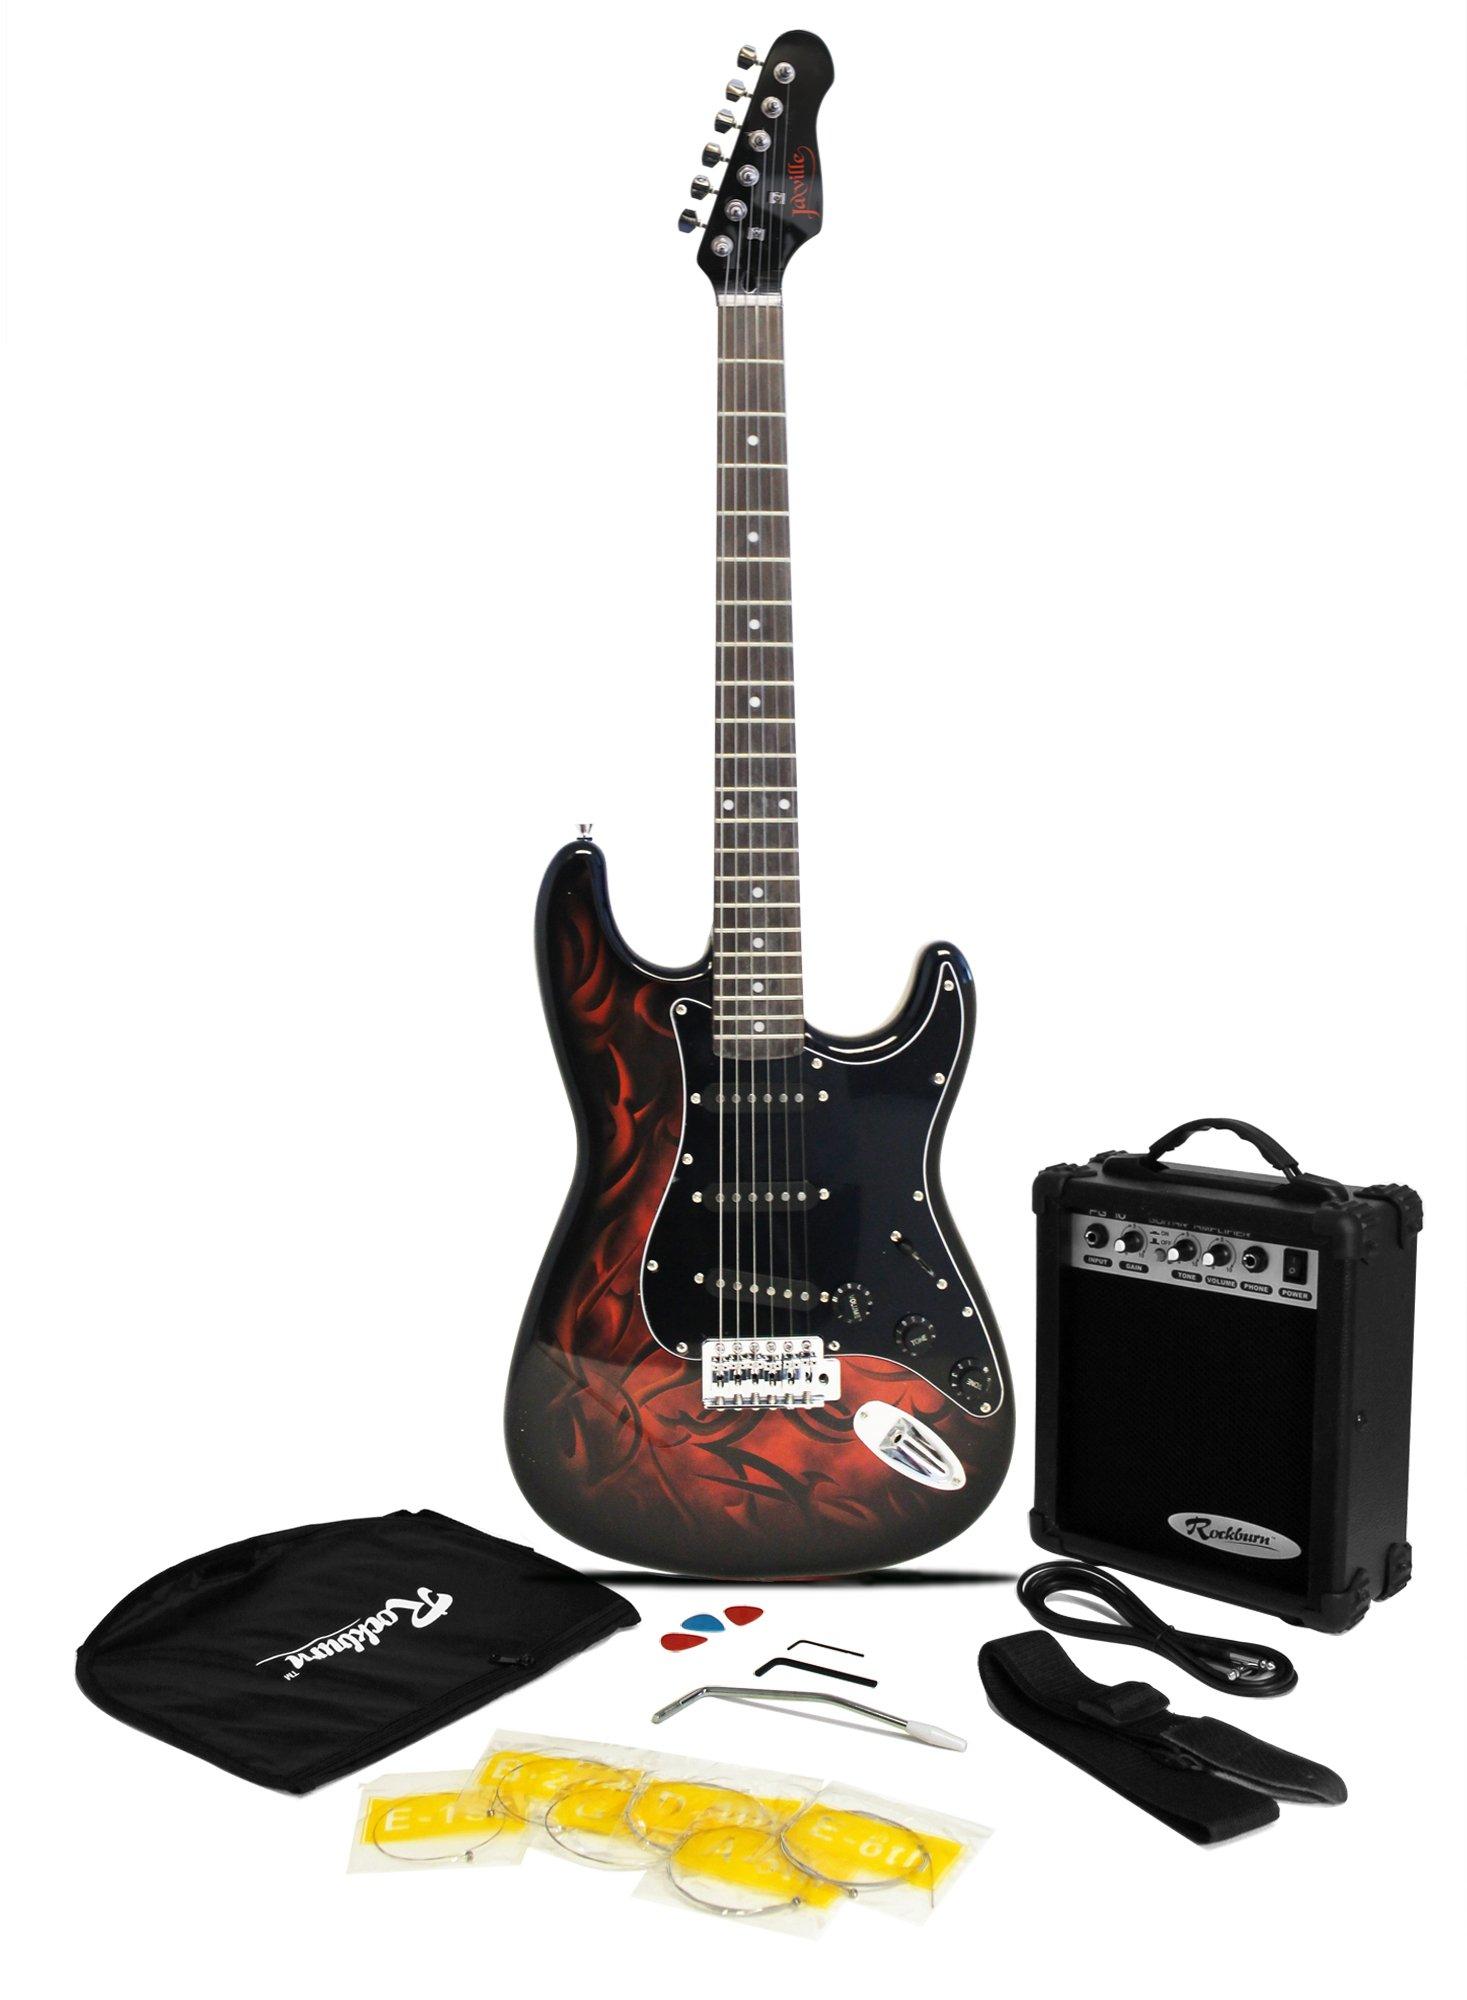 jaxville demon st style electric guitar pack ebay. Black Bedroom Furniture Sets. Home Design Ideas